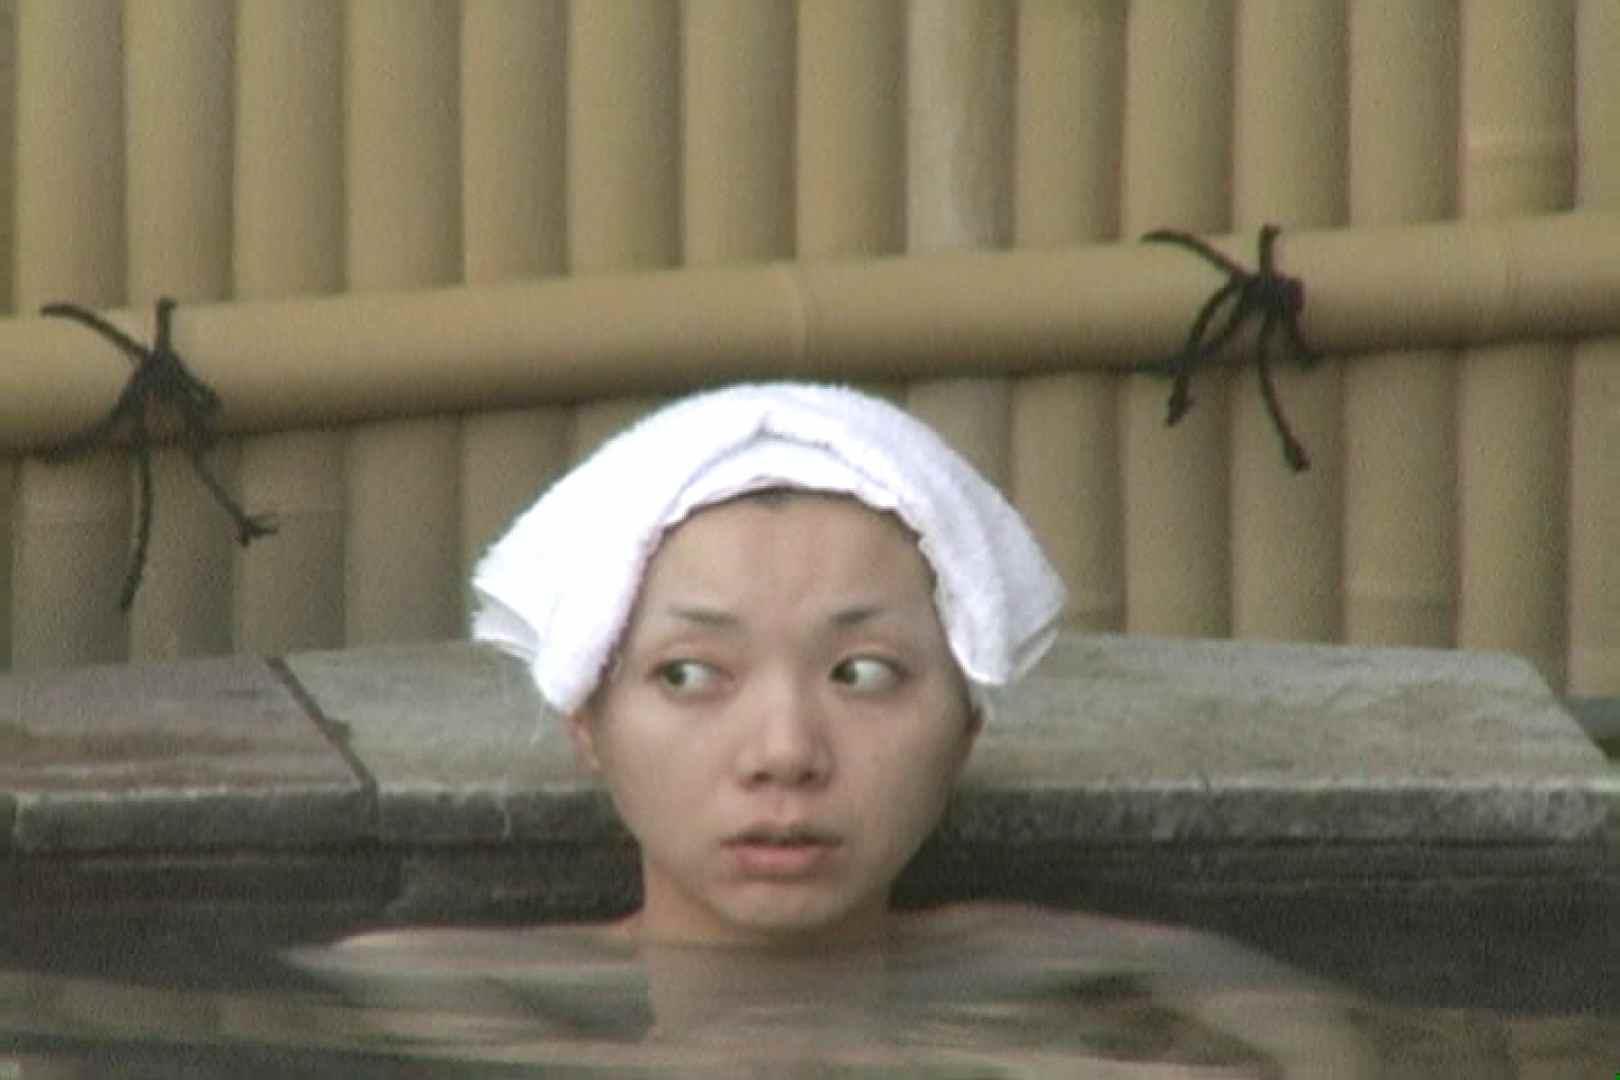 Aquaな露天風呂Vol.630 露天風呂 | 盗撮動画  10枚 7